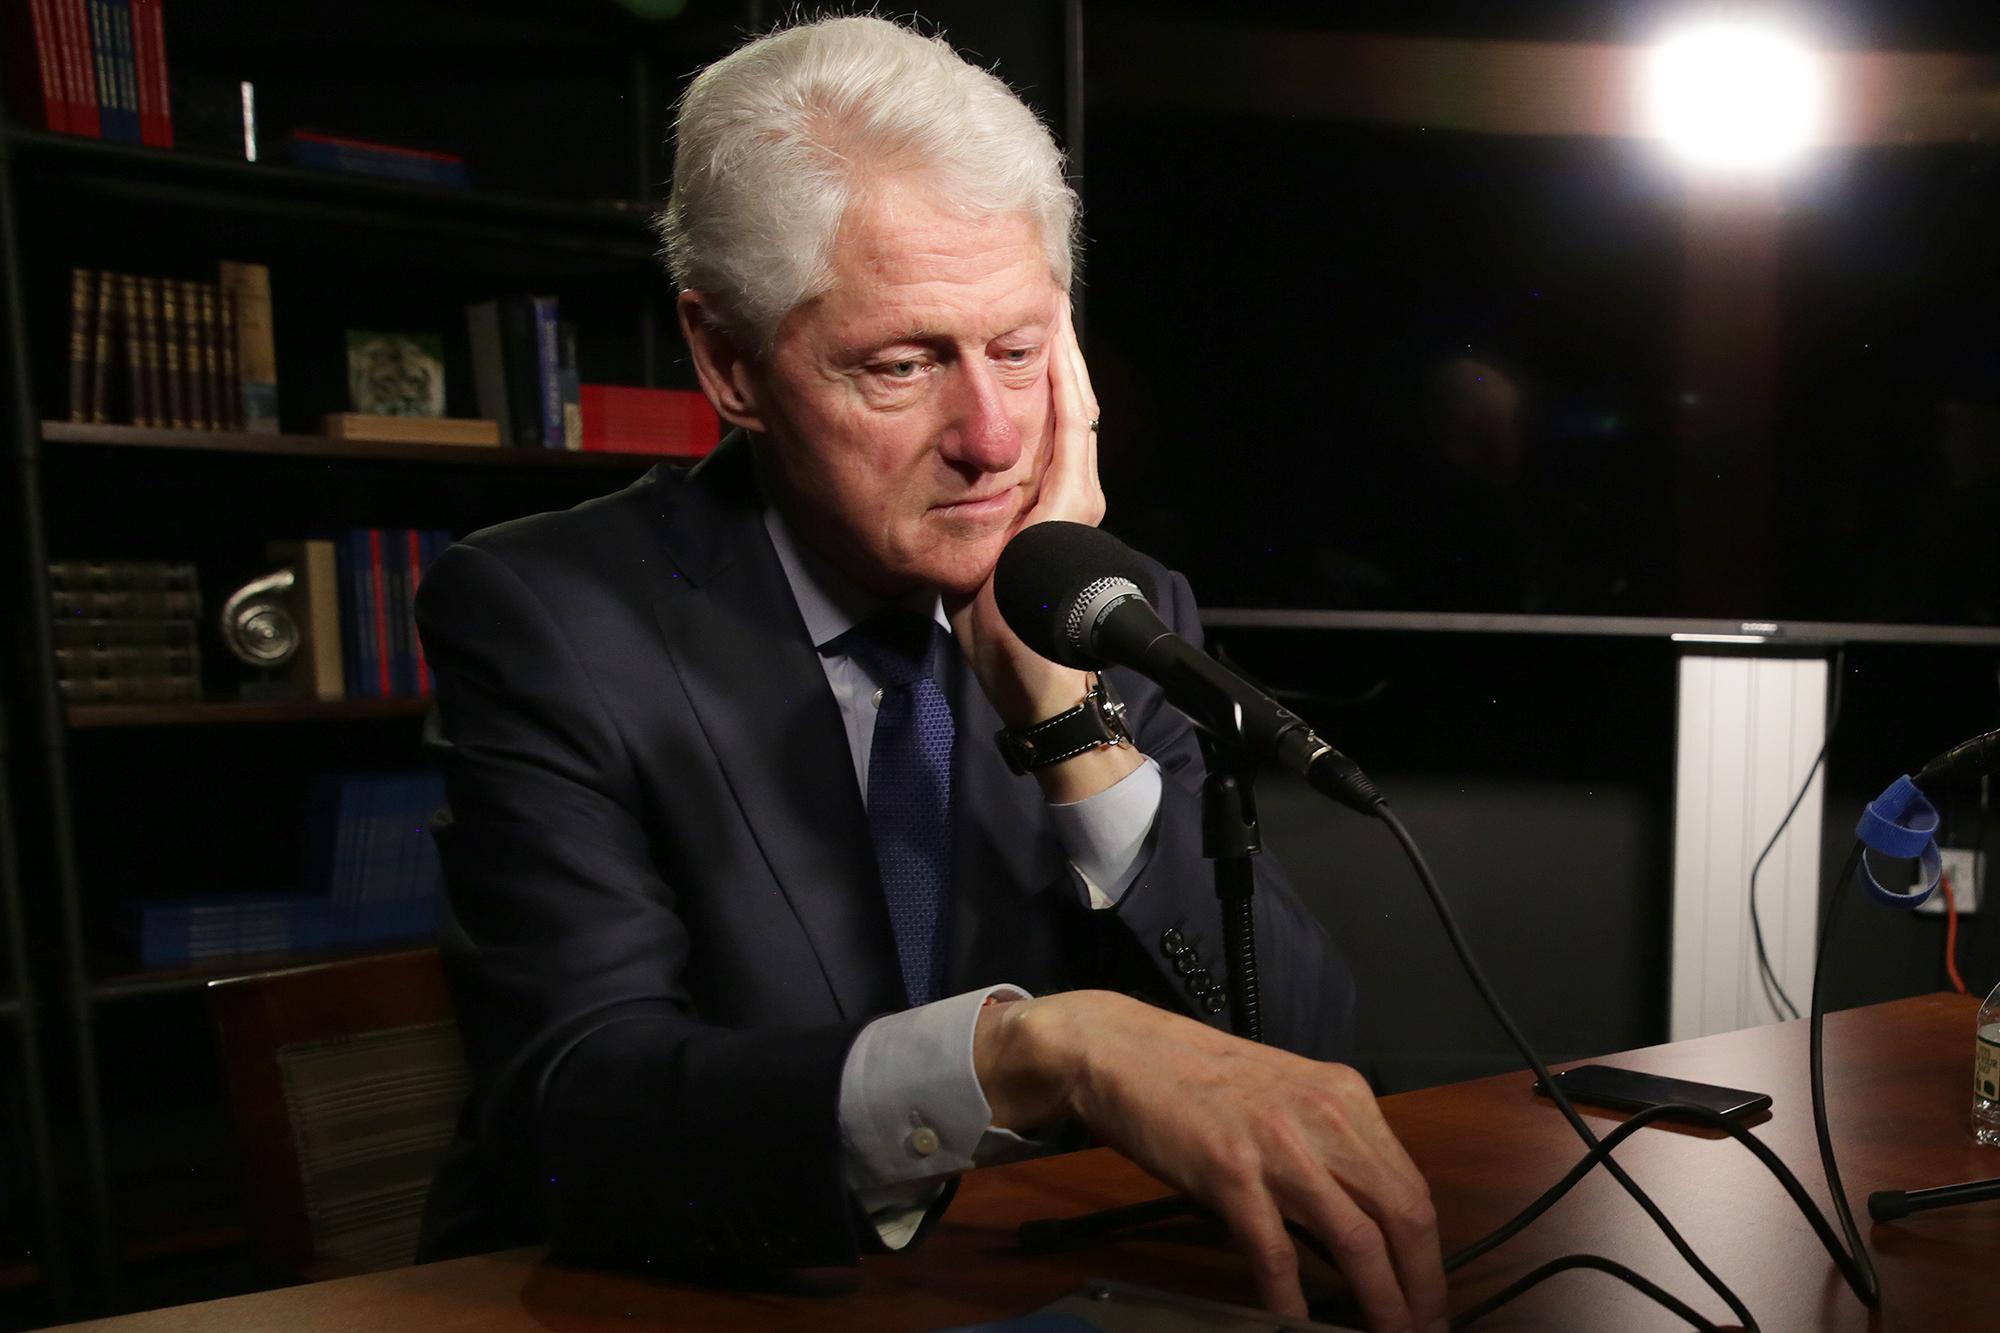 After Columbine, President Clinton Set A New Standard As 'Consoler